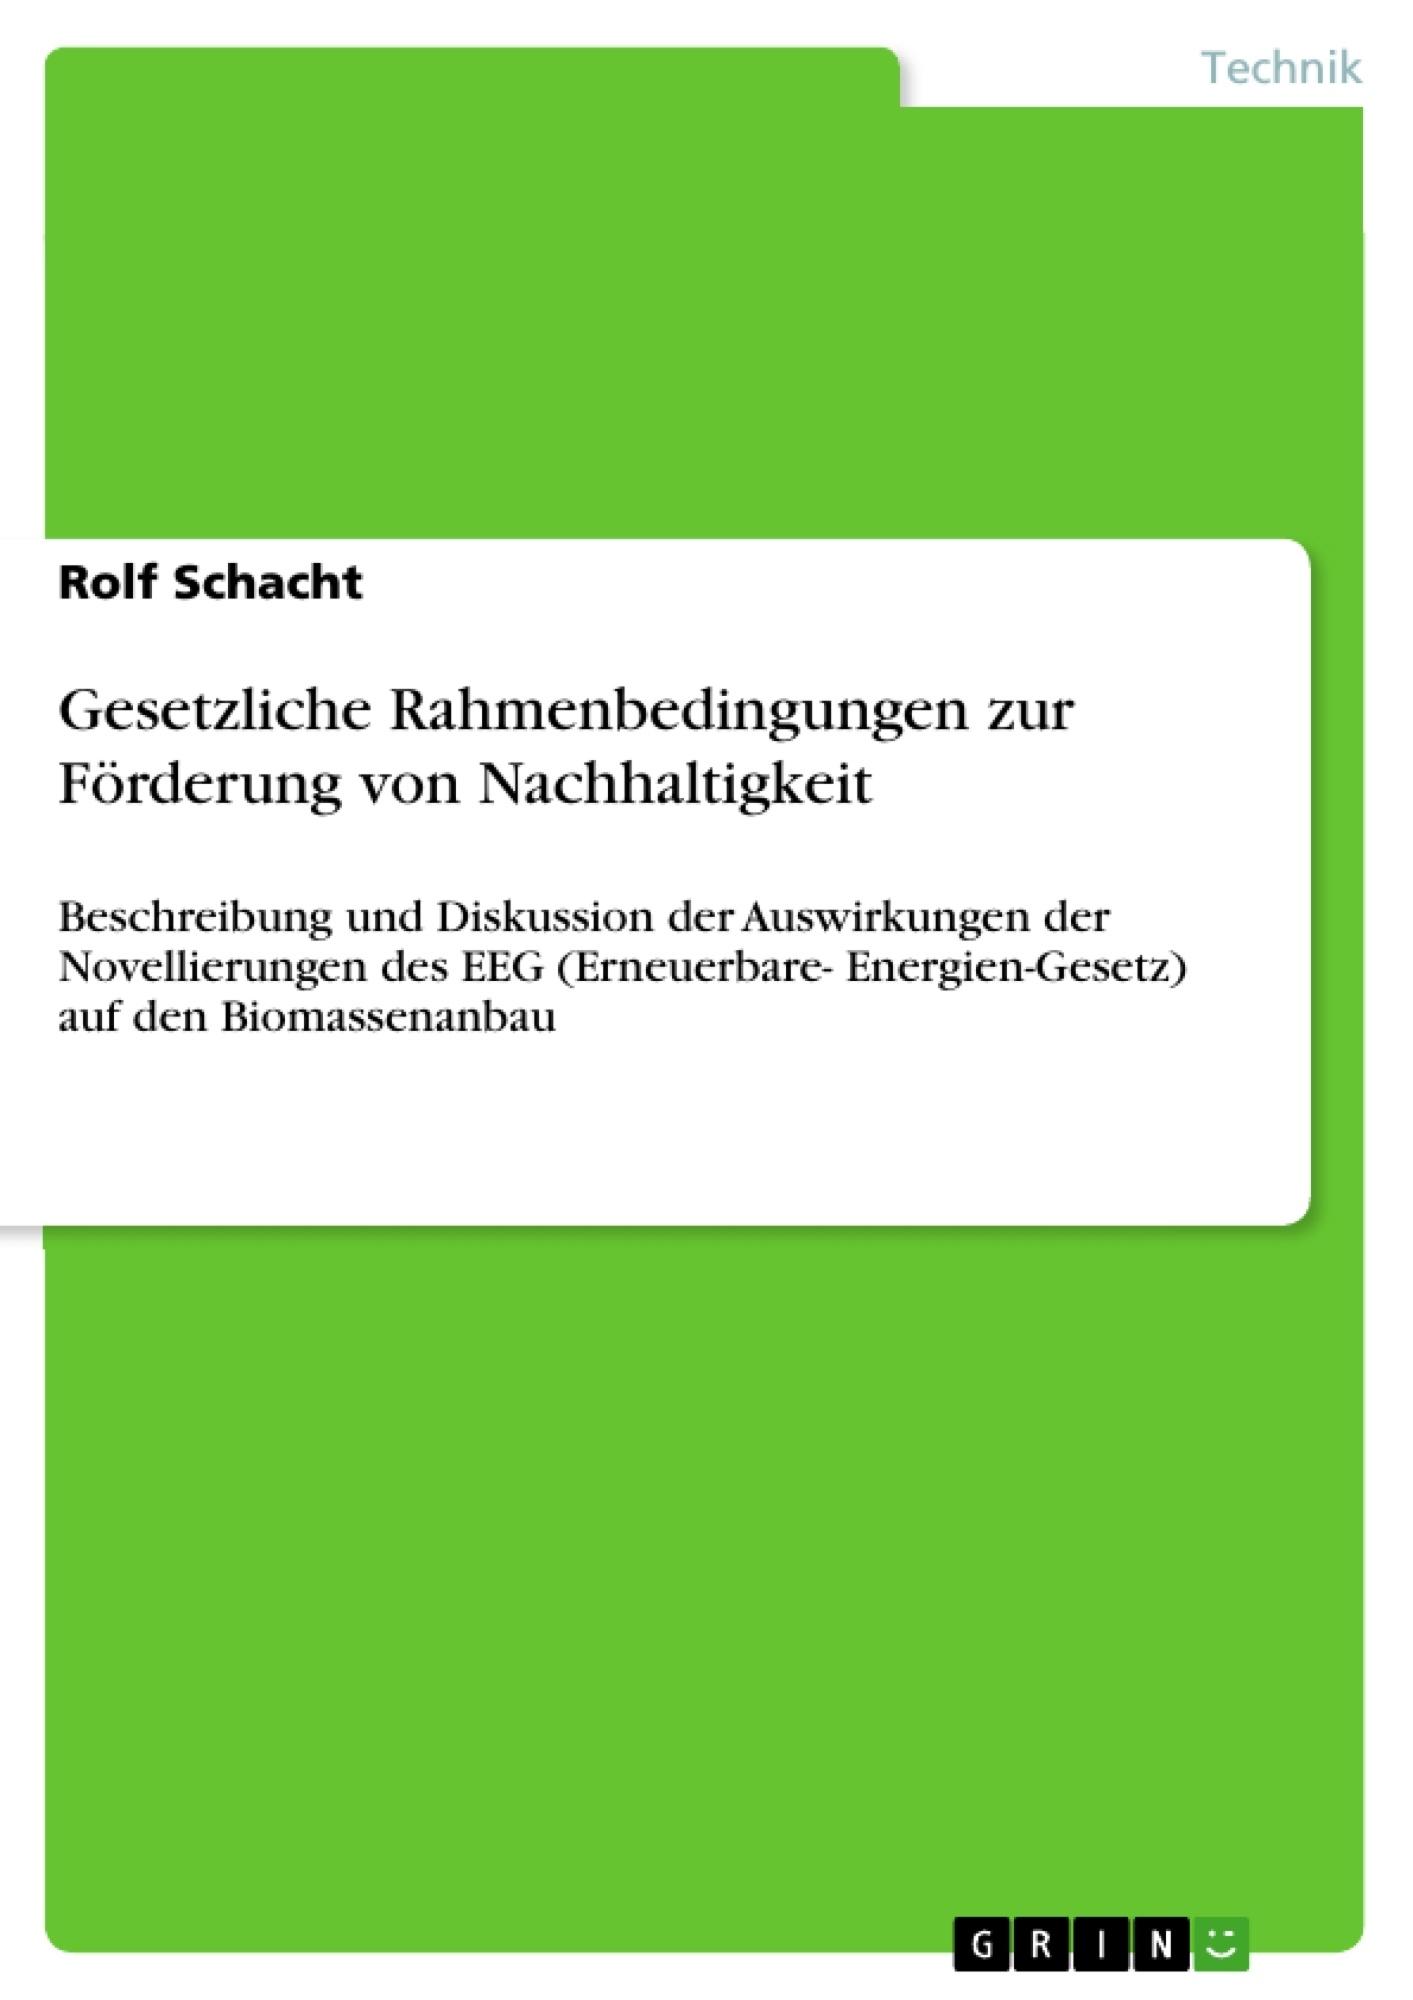 Titel: Gesetzliche Rahmenbedingungen zur Förderung von Nachhaltigkeit